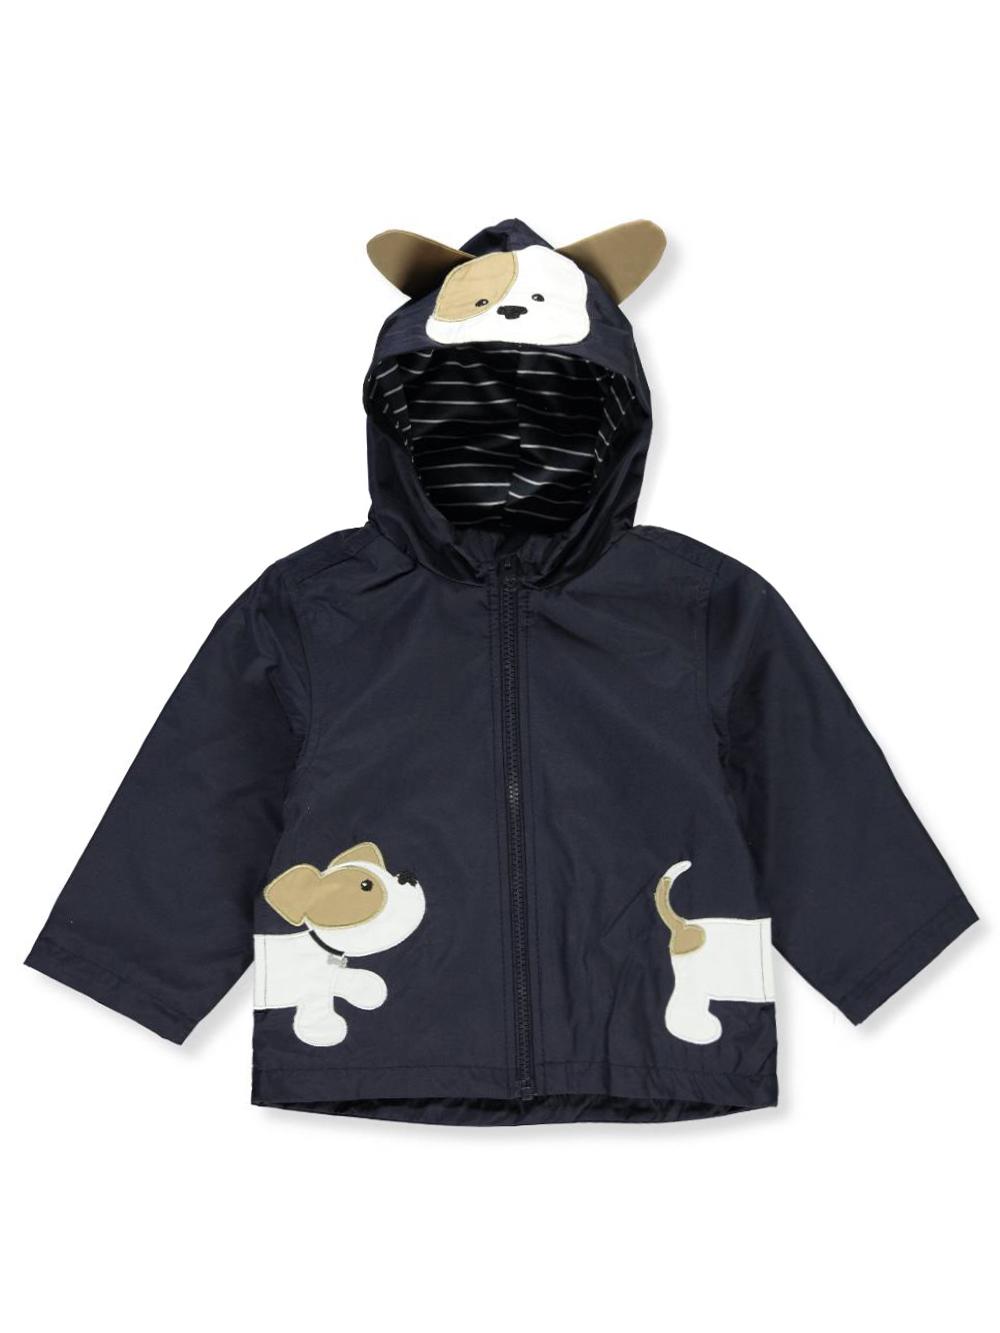 d811a11d5 London Fog Baby Boys  Hooded Rain Jacket